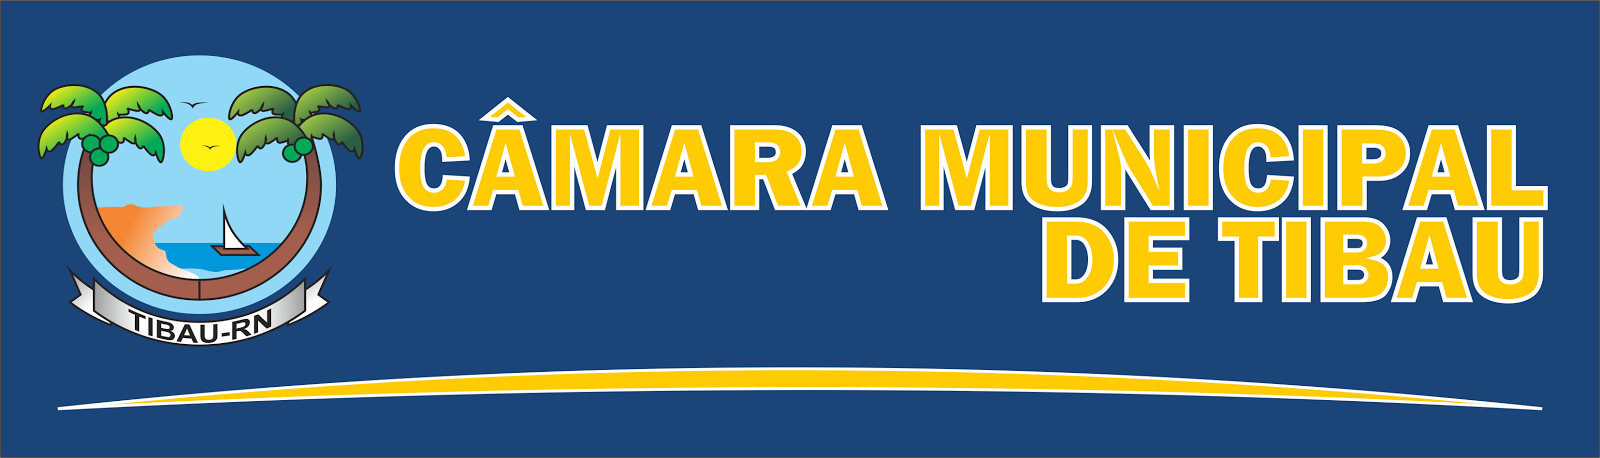 CÂMARA MUNICIPAL DE TIBAU